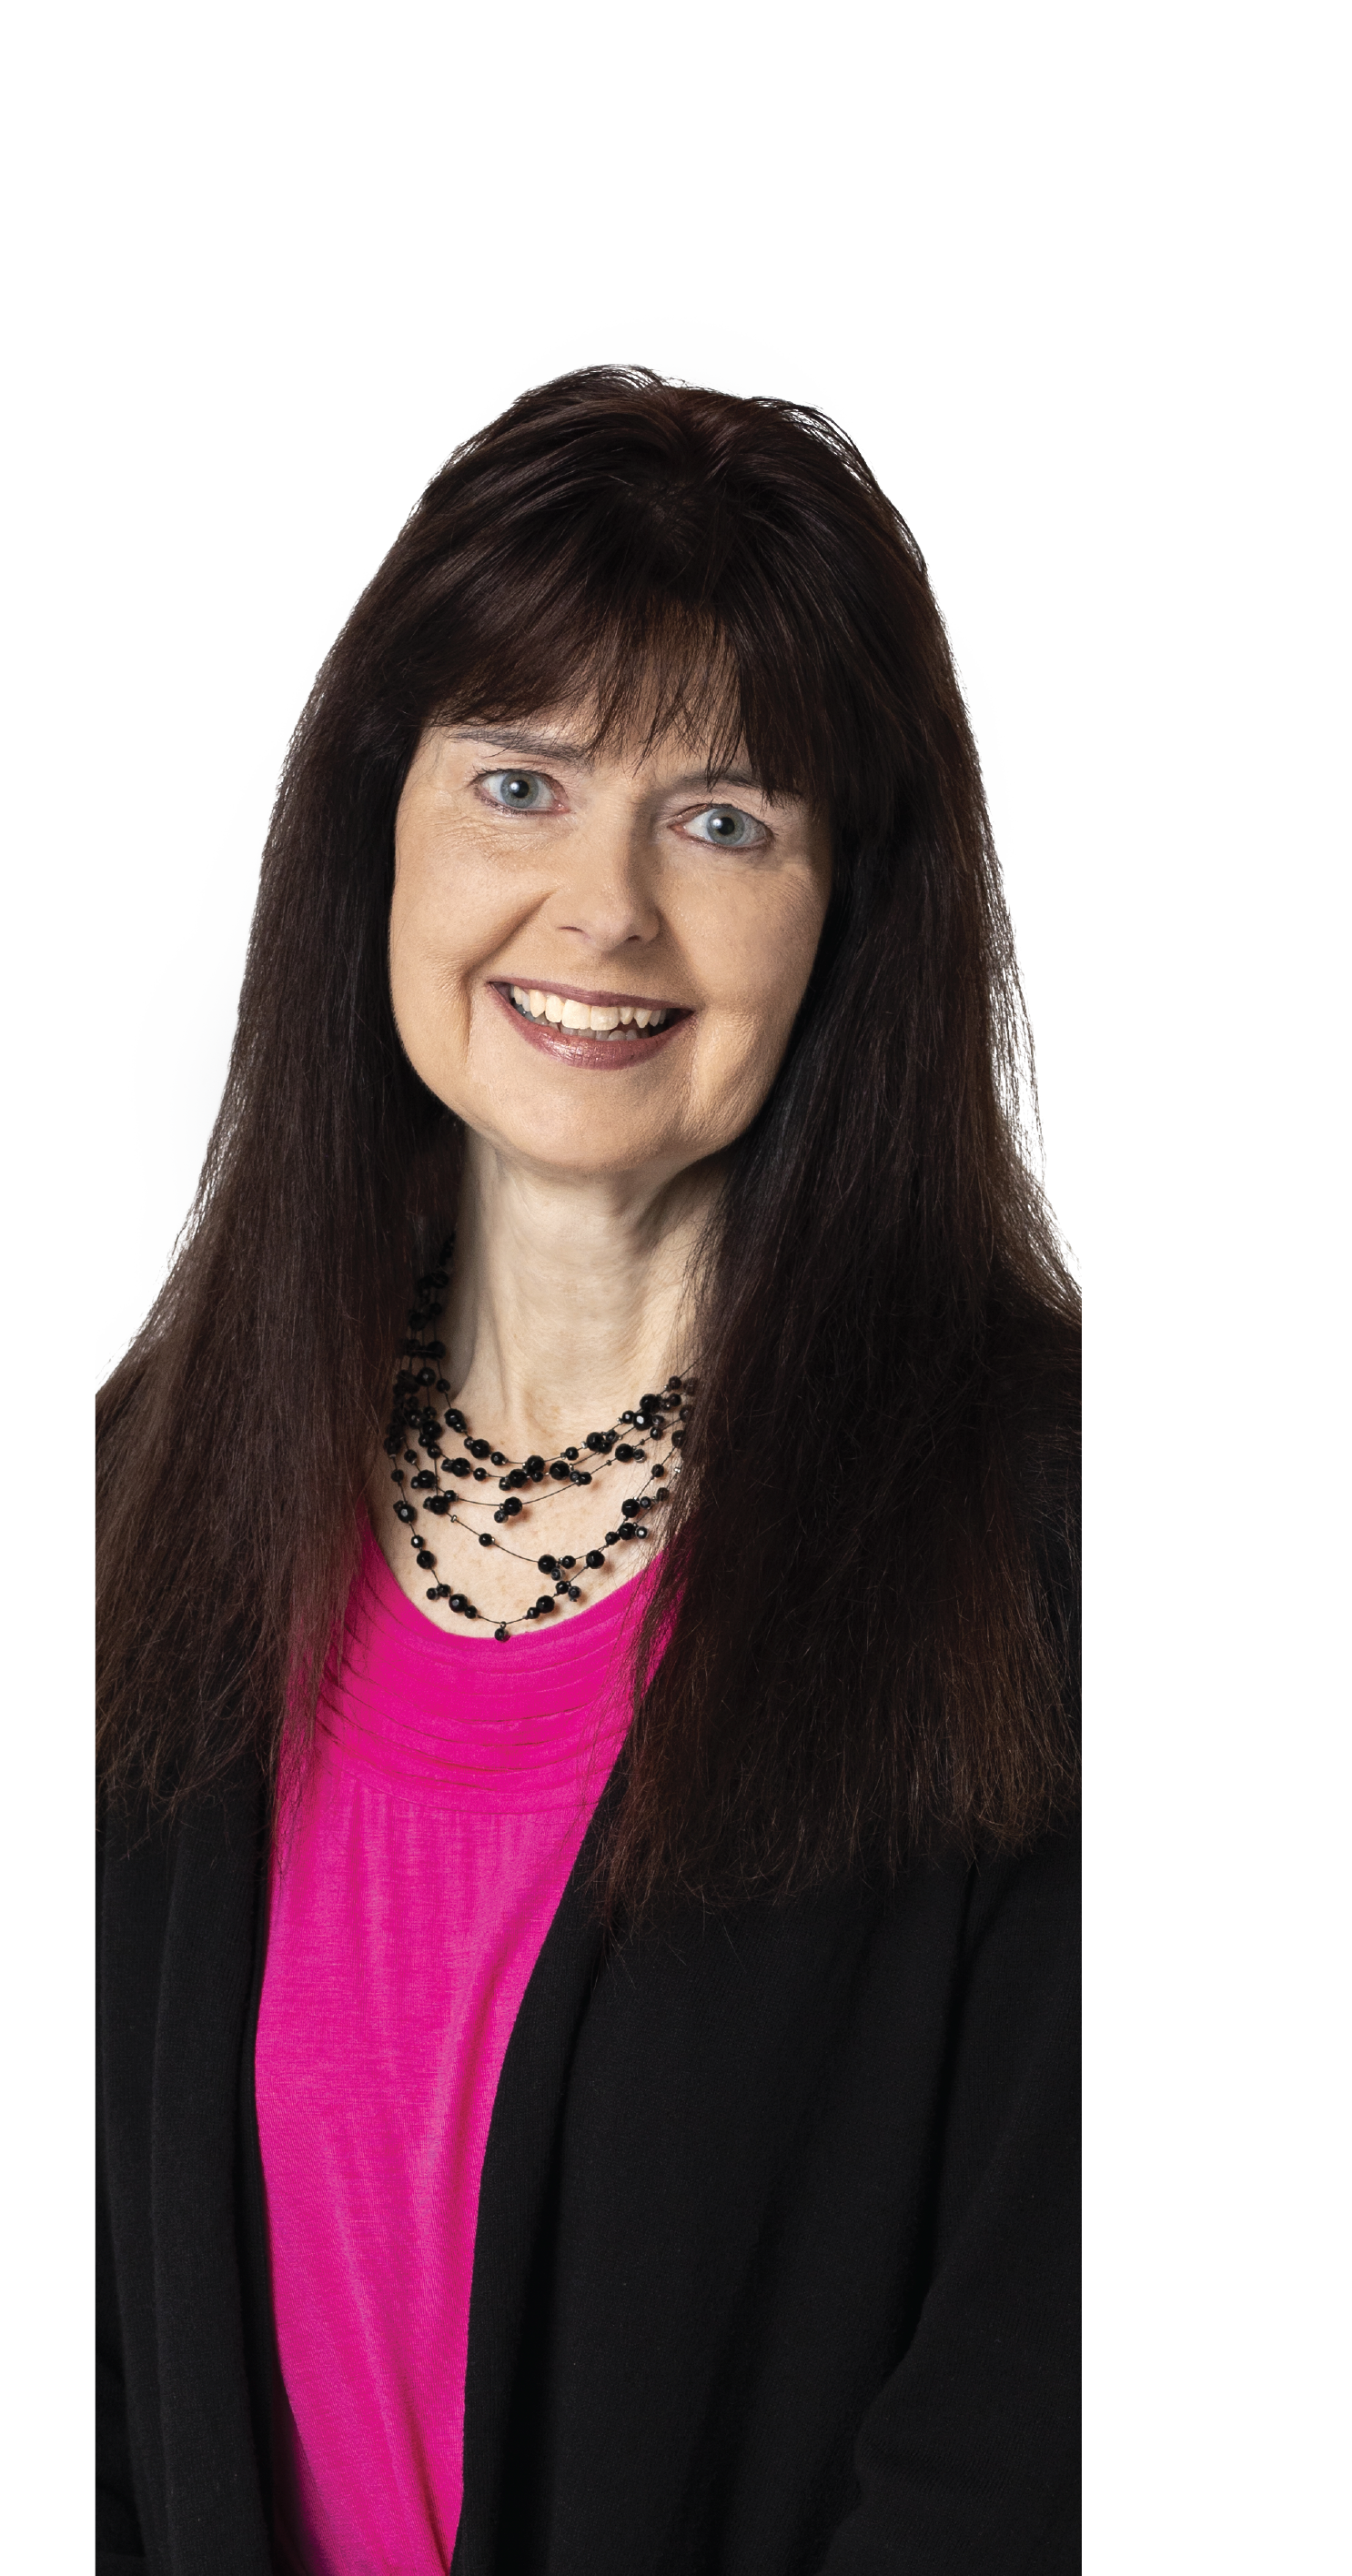 Debbie Ridpath - Senior Member Service Representativedebbie@dilloncu.com☎ Ext. 2003